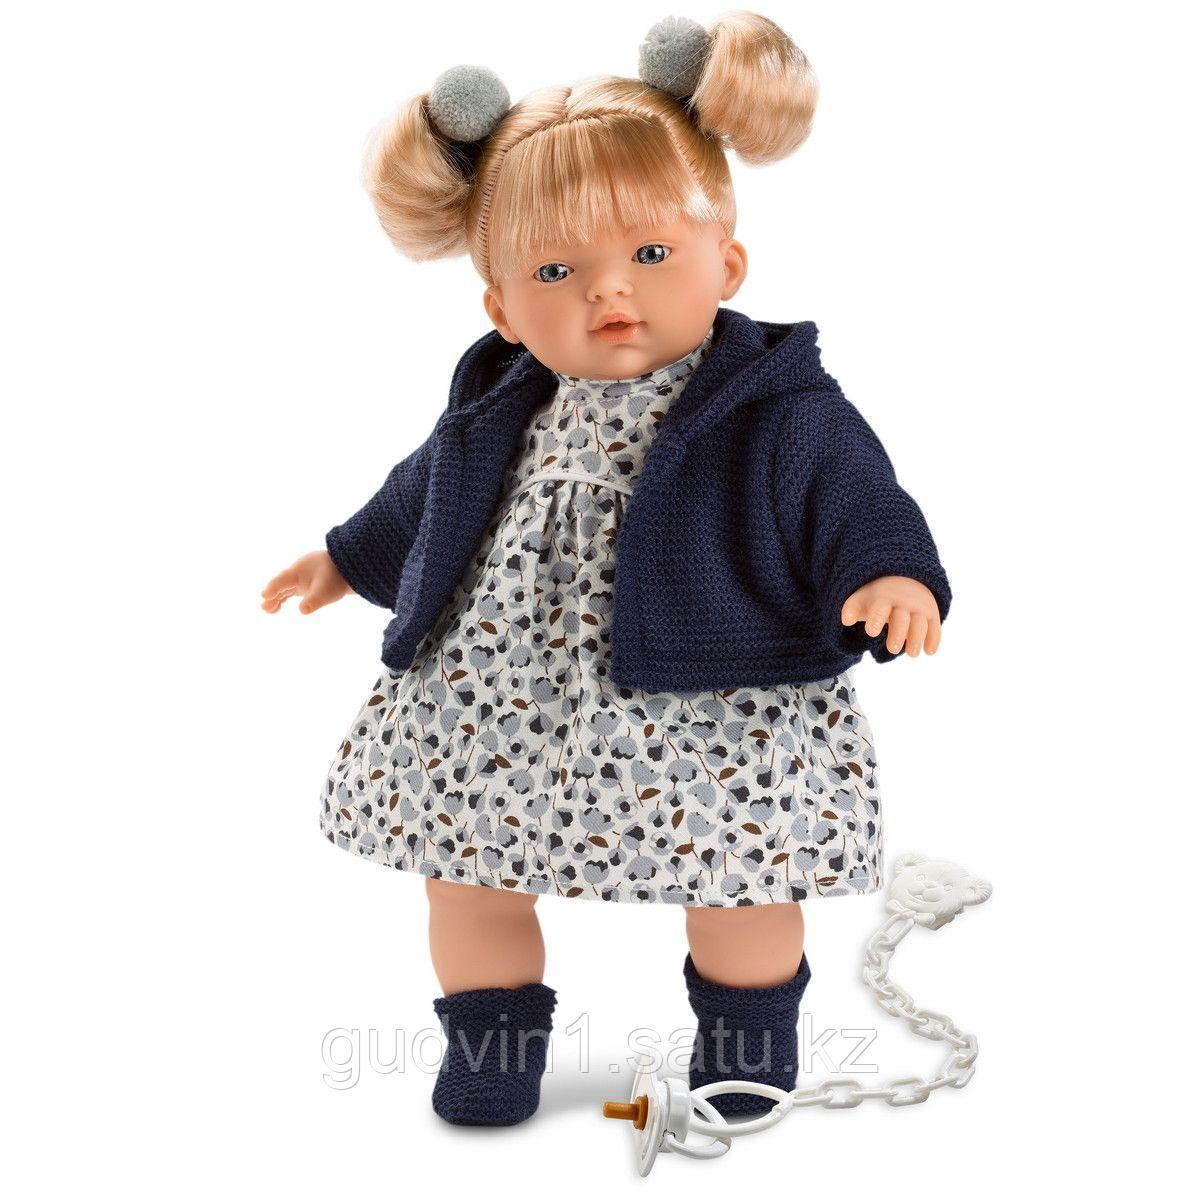 LLORENS: Кукла малышка Изабела 33см, блондинка в темно-синей курточке